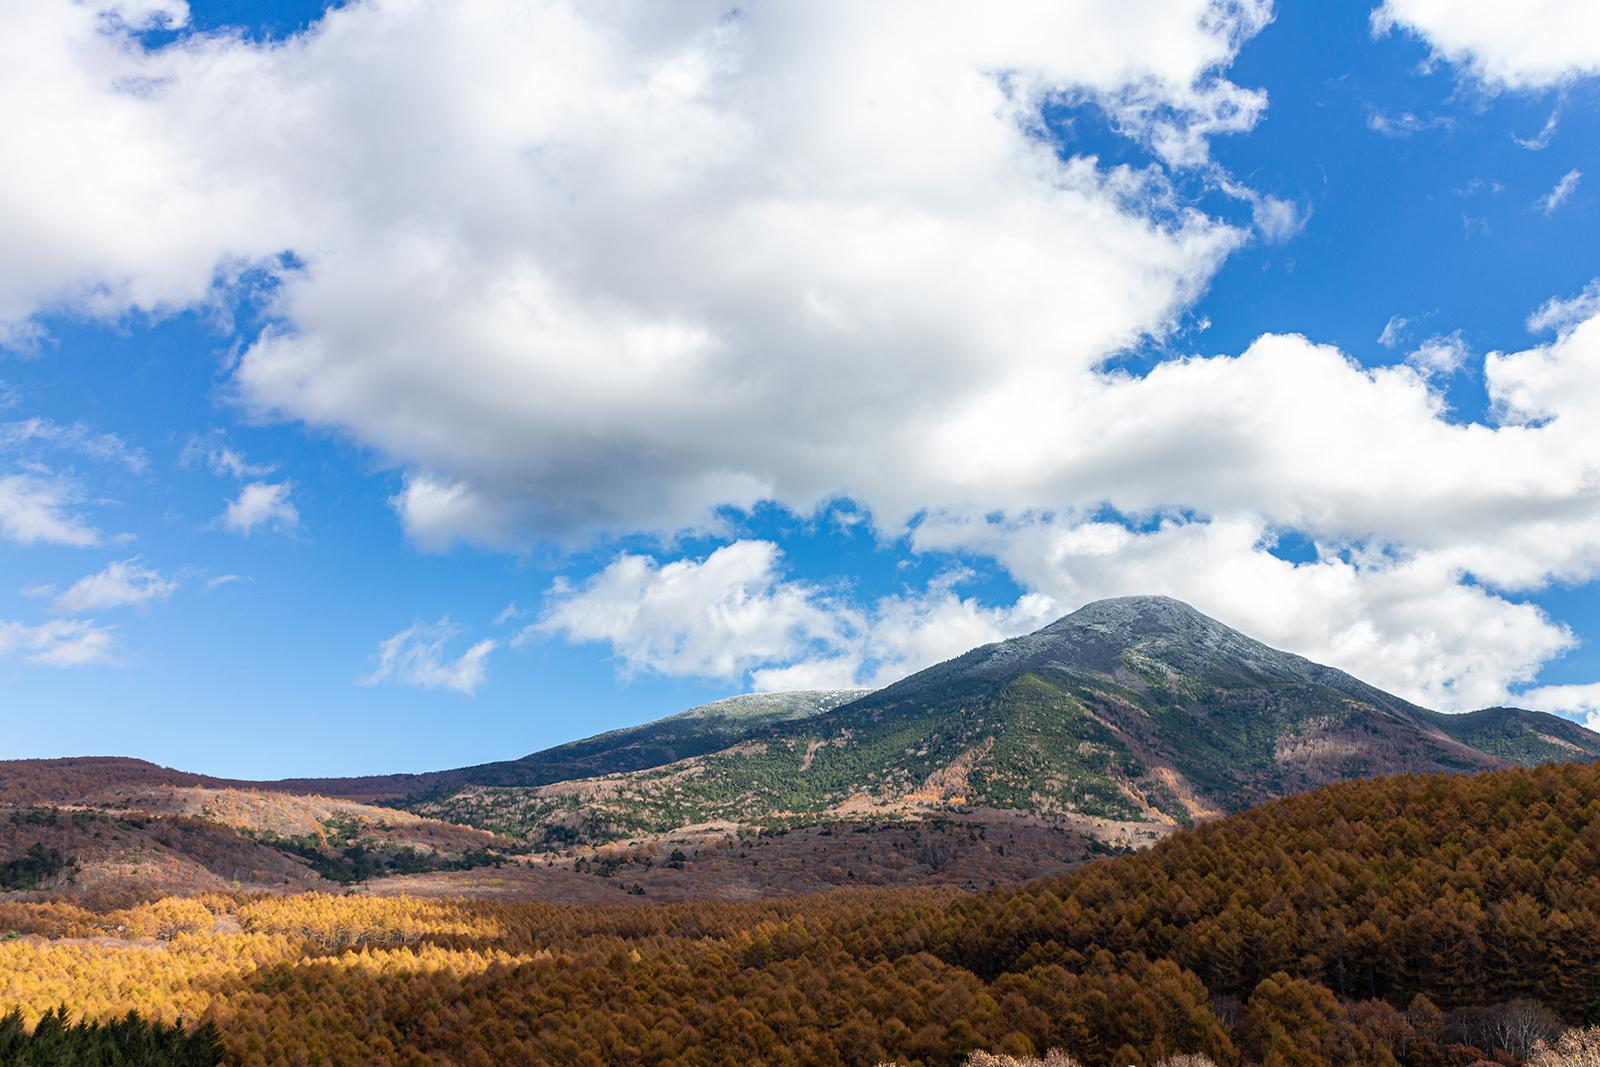 信州にある日本百名山のひとつ蓼科山登山についての画像